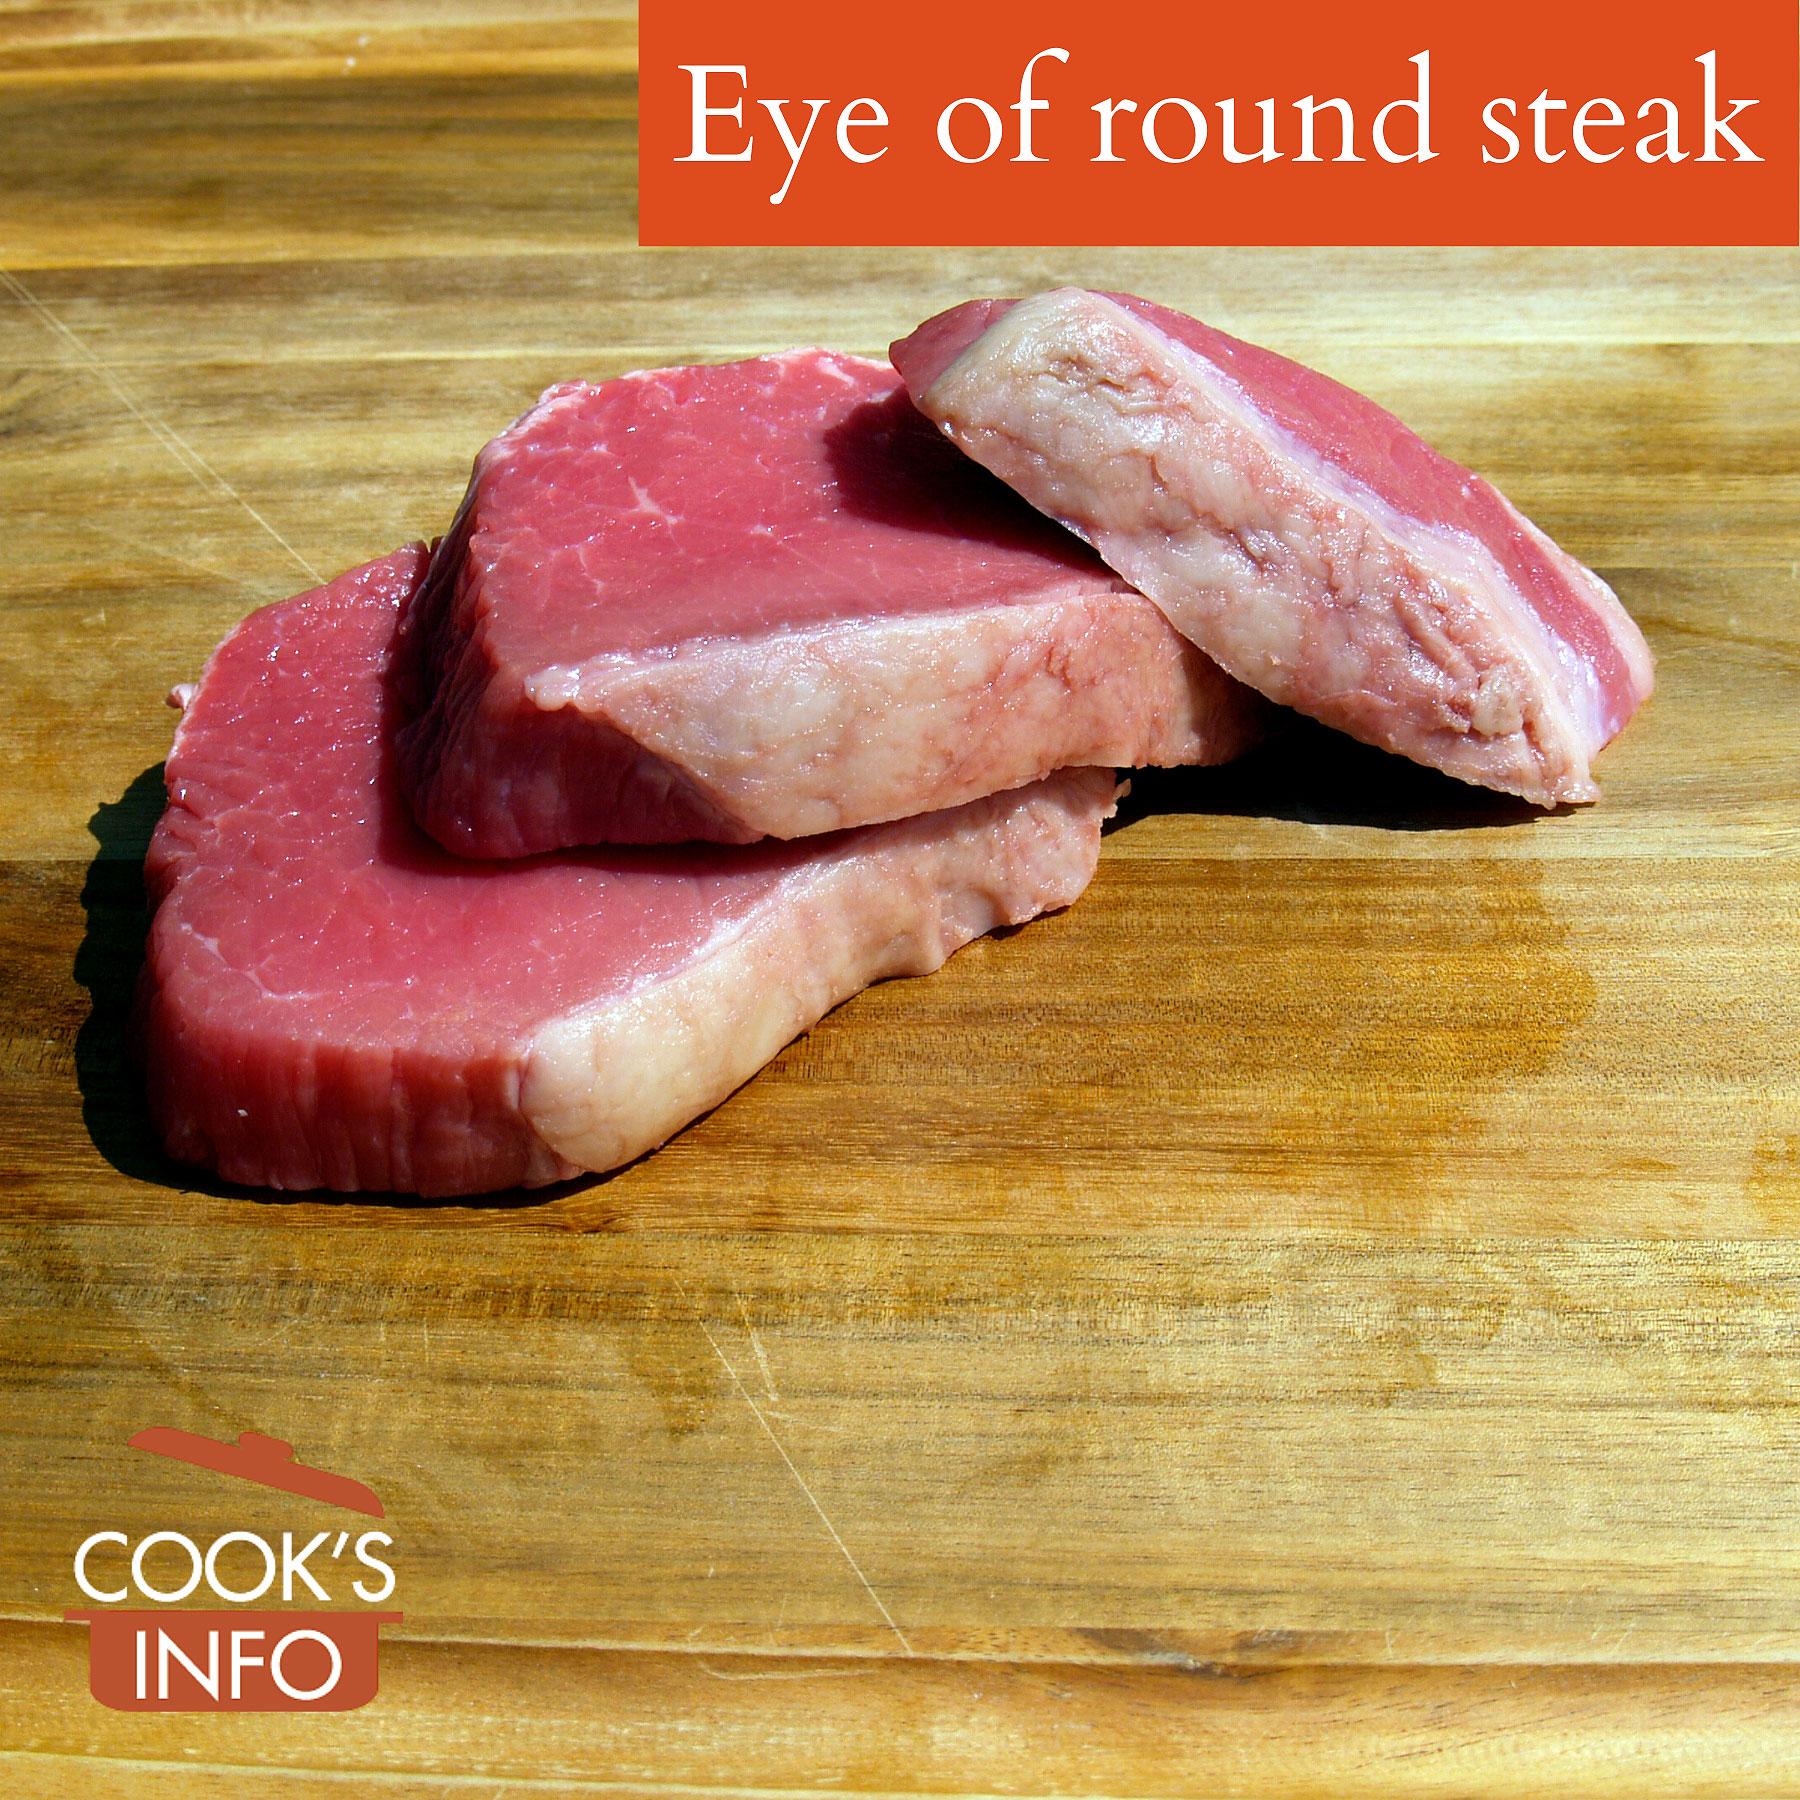 Eye of round steak